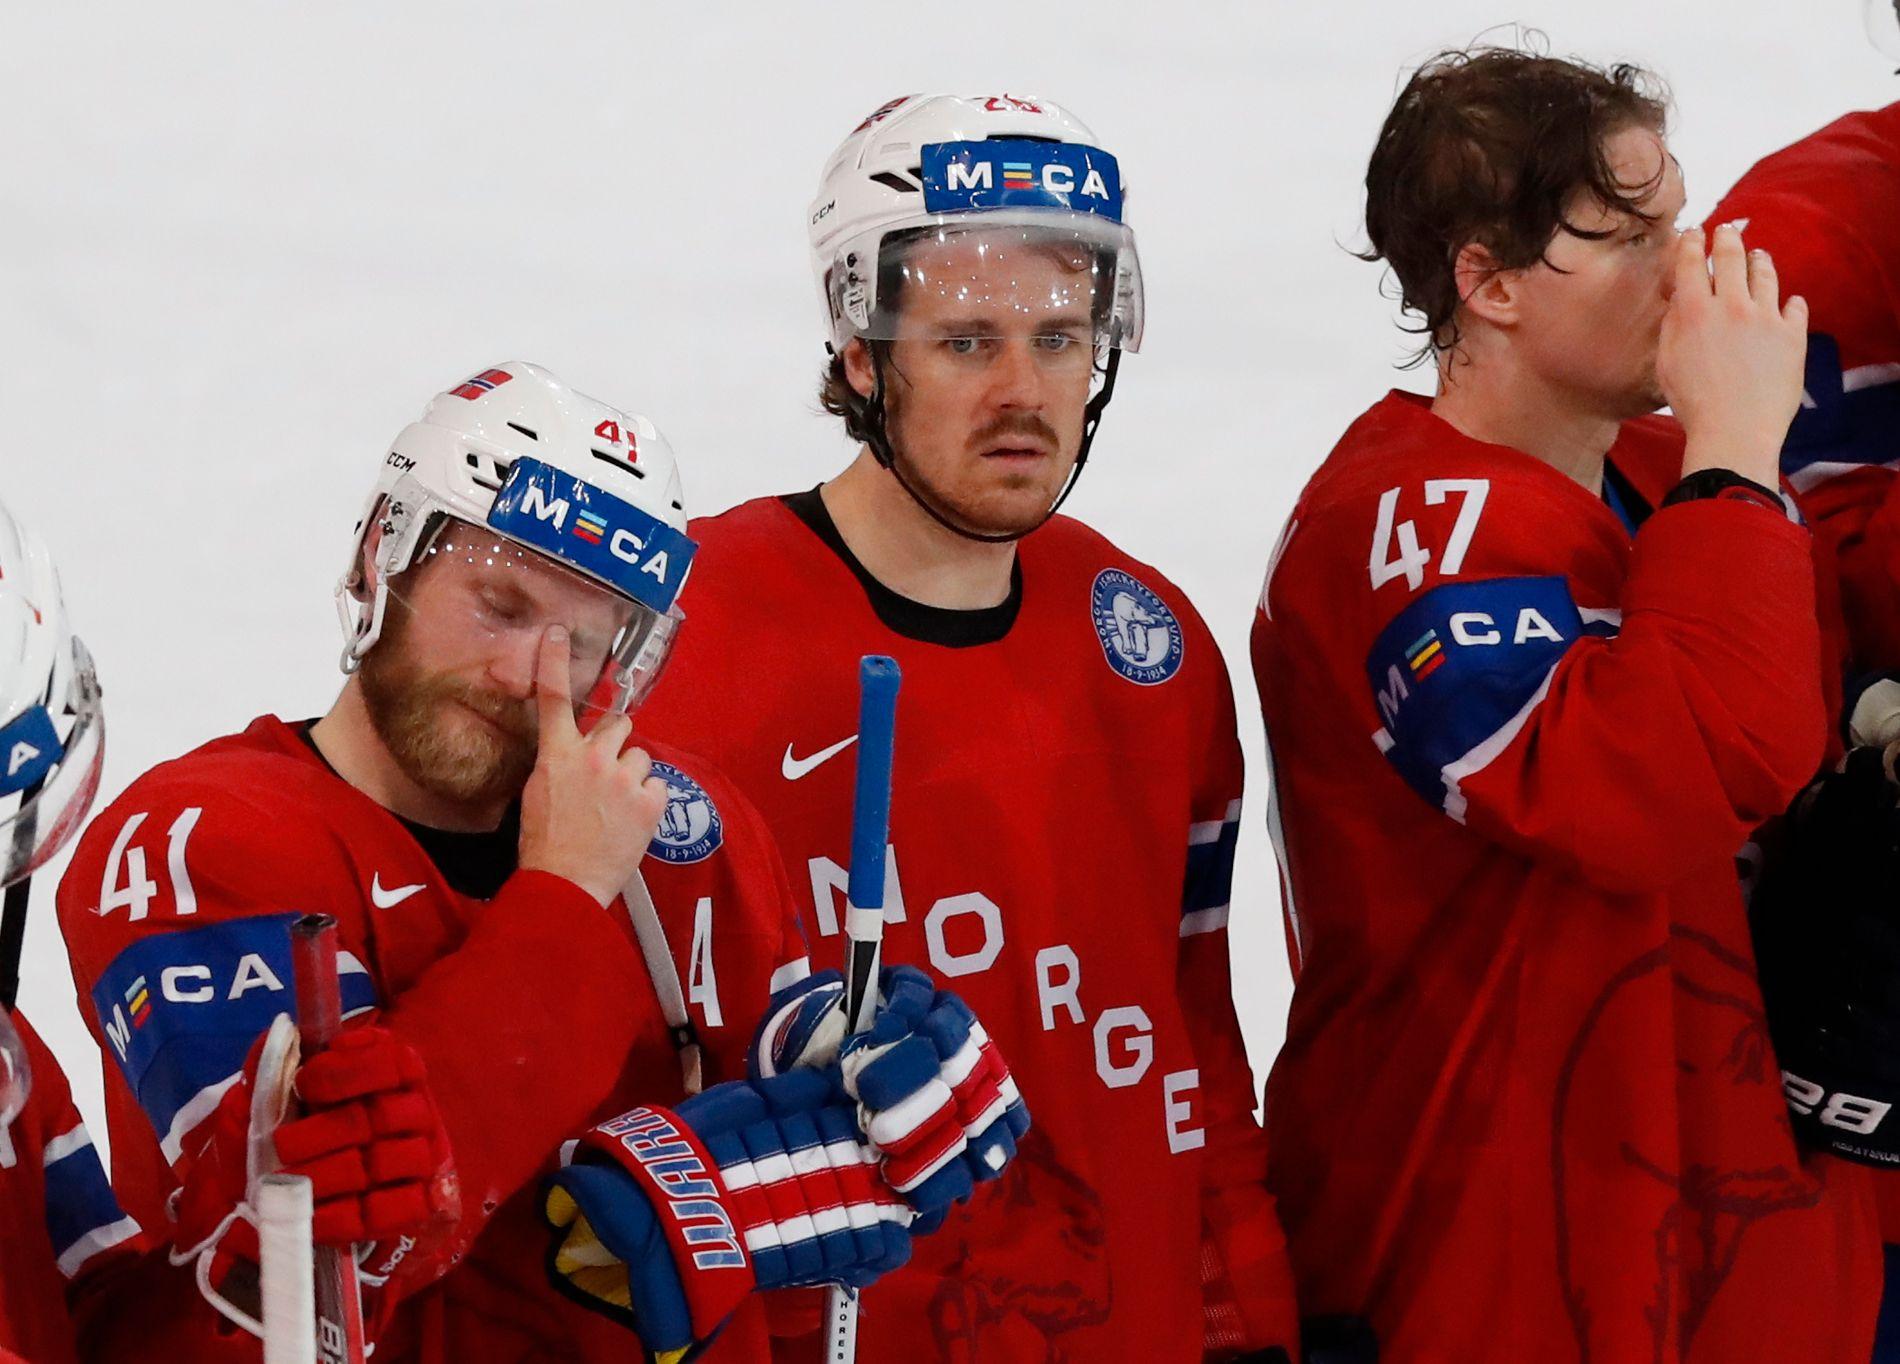 KLAR FOR OL: Landslagsveteran Kristian Forsberg (i midten) er en av fire spillere i hockeysjef Petter Thoresens OL-tropp. Patrick Thoresen (t.v.) og Alexander Bonsaksen skal også delta i Pyeongchang, der Norge åpner mot Sverige 15. februar.